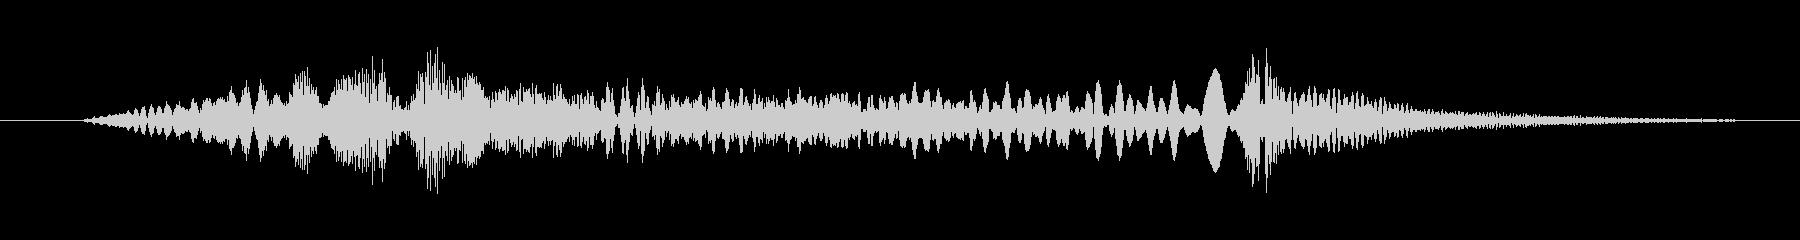 特撮 インターフェーススイープ03の未再生の波形